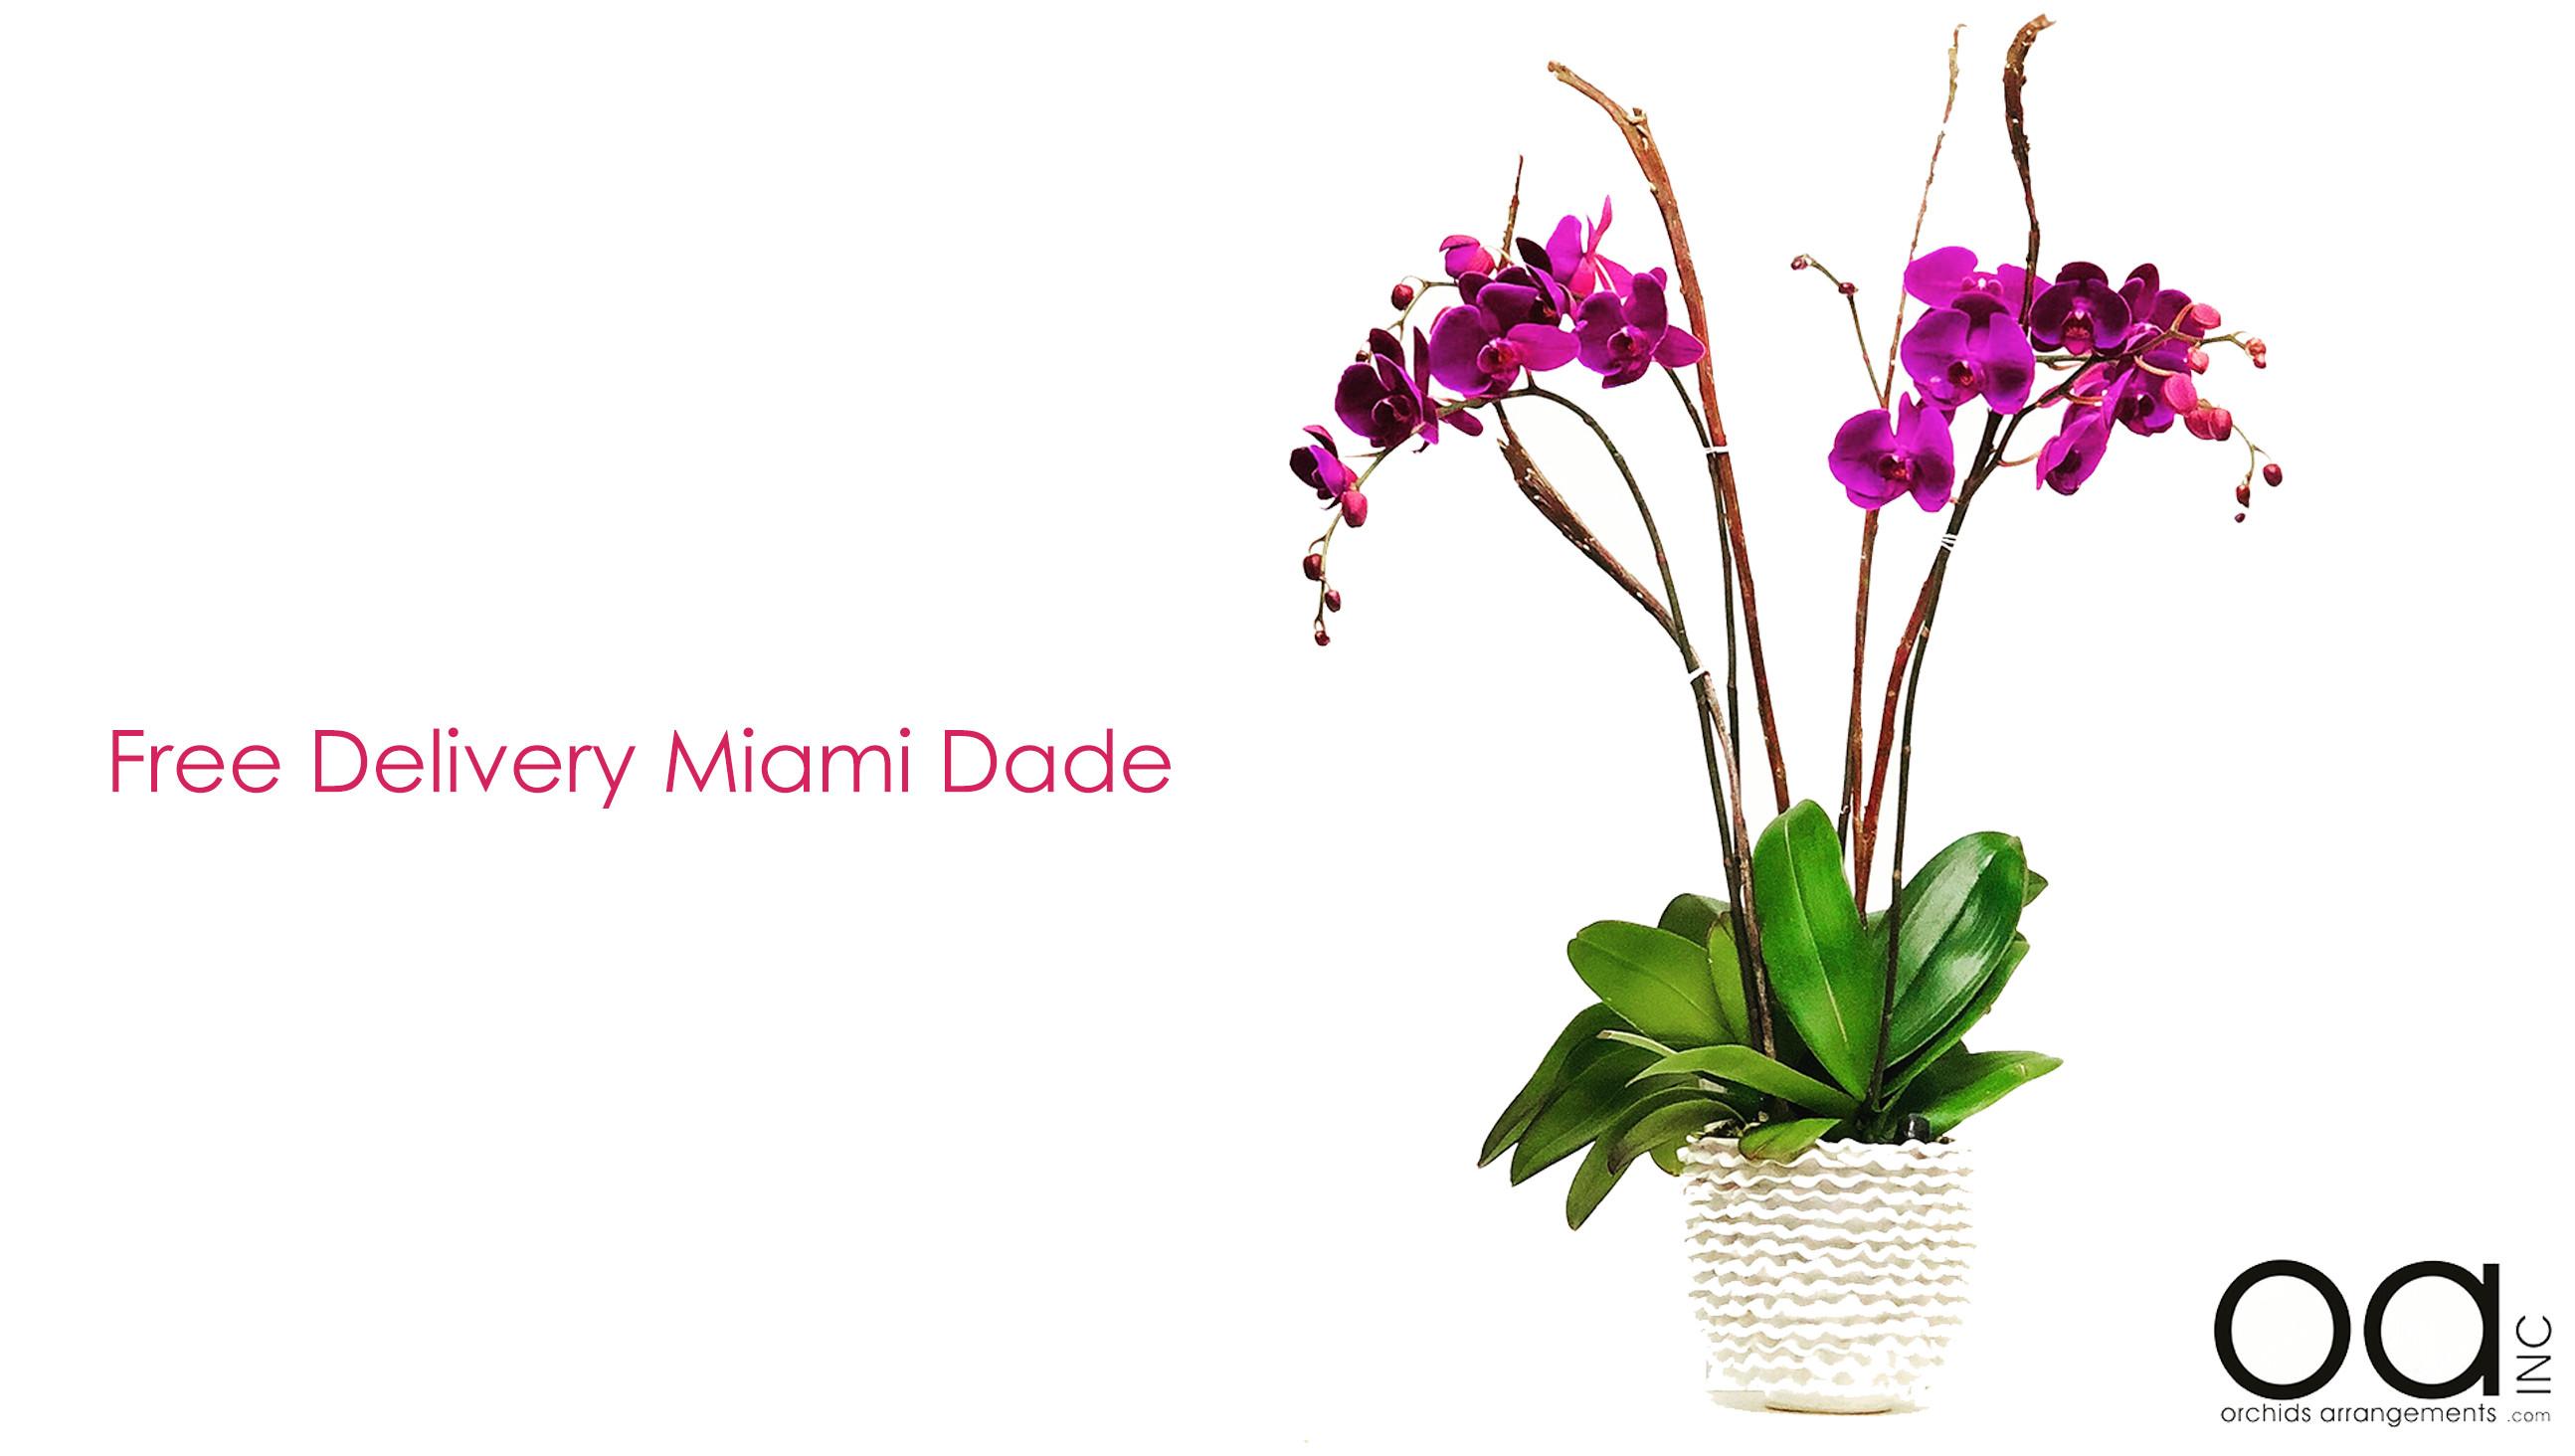 Miami Florist Orchids Arrangements Inc